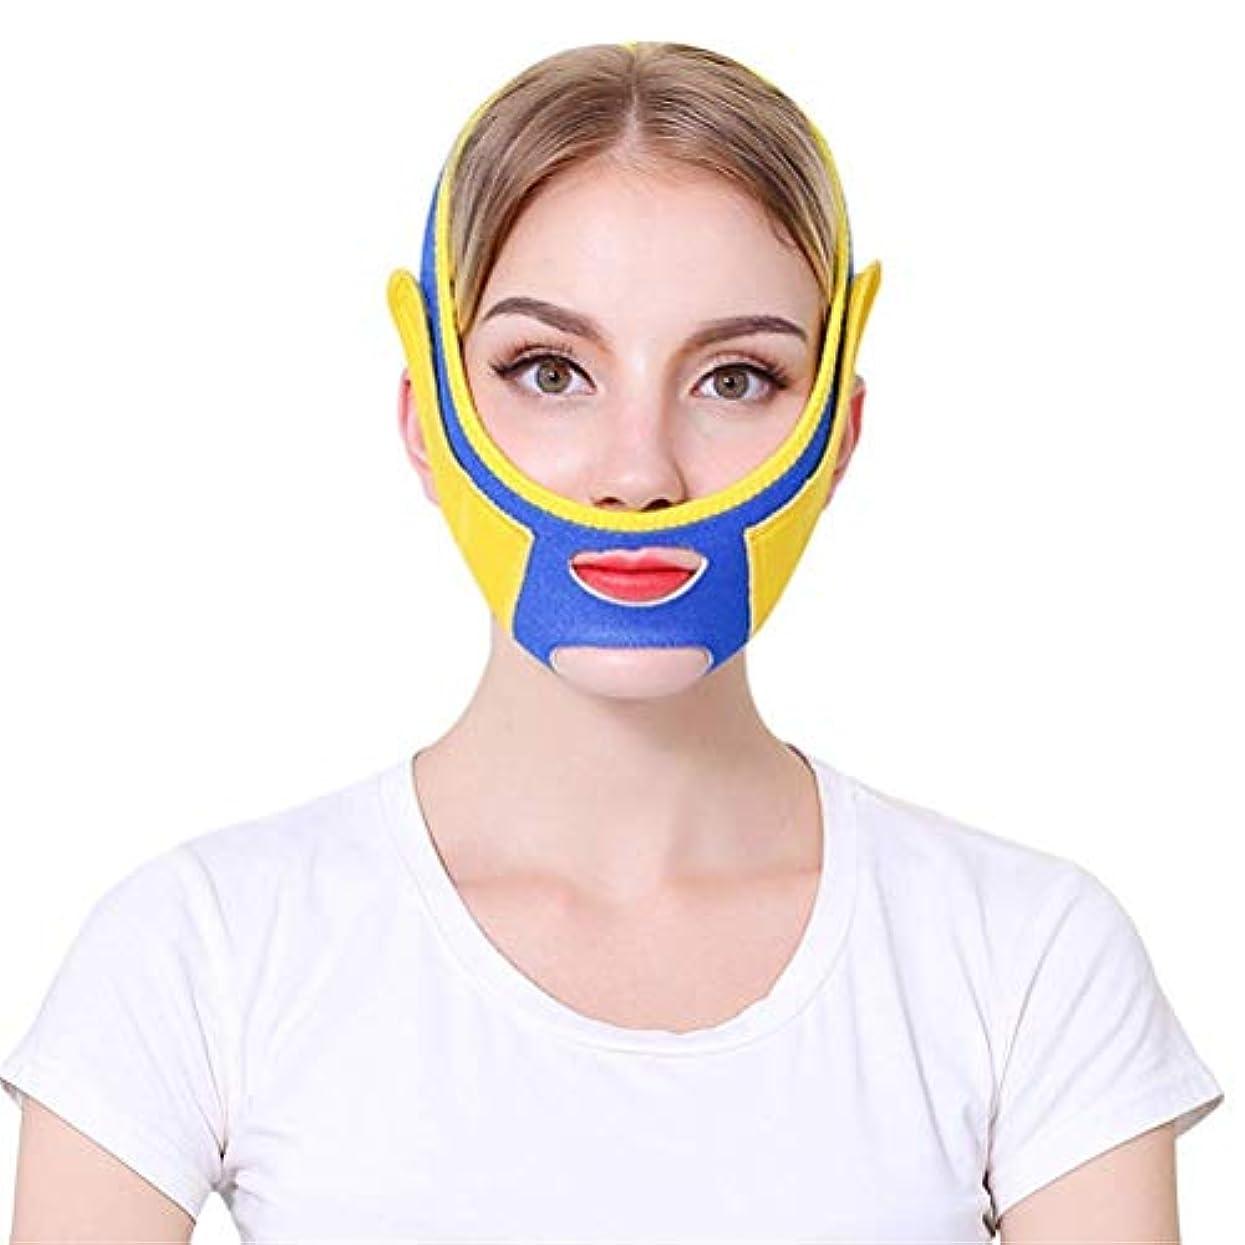 余分なホイッスル通り抜けるWSJTT 女性のための顔のリフティングベルト、Vラインチンチークリフトアップバンドアンチリンクル包帯、フェイスリフティング/痩身/マスク包帯/スリープシンフェイス/マスクスリミング (Color : Blue)